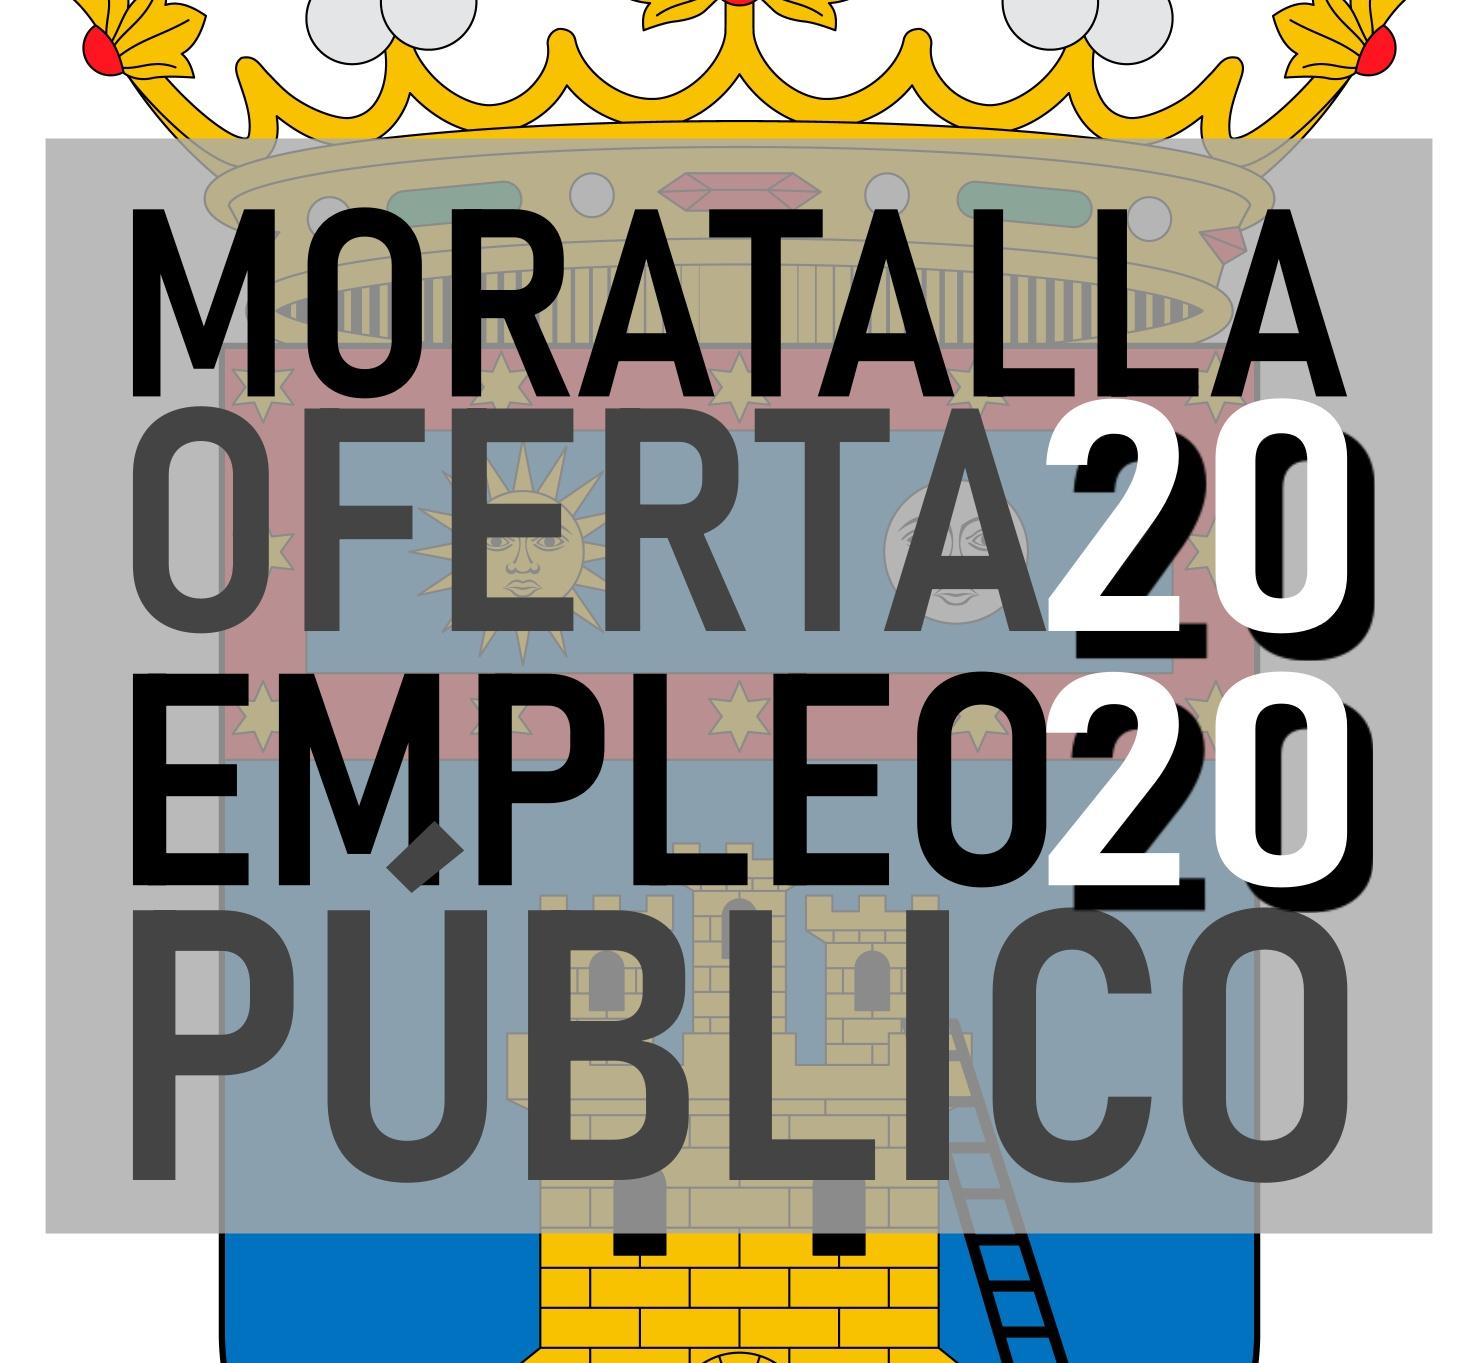 oferta de empleo público 2020 de Moratalla